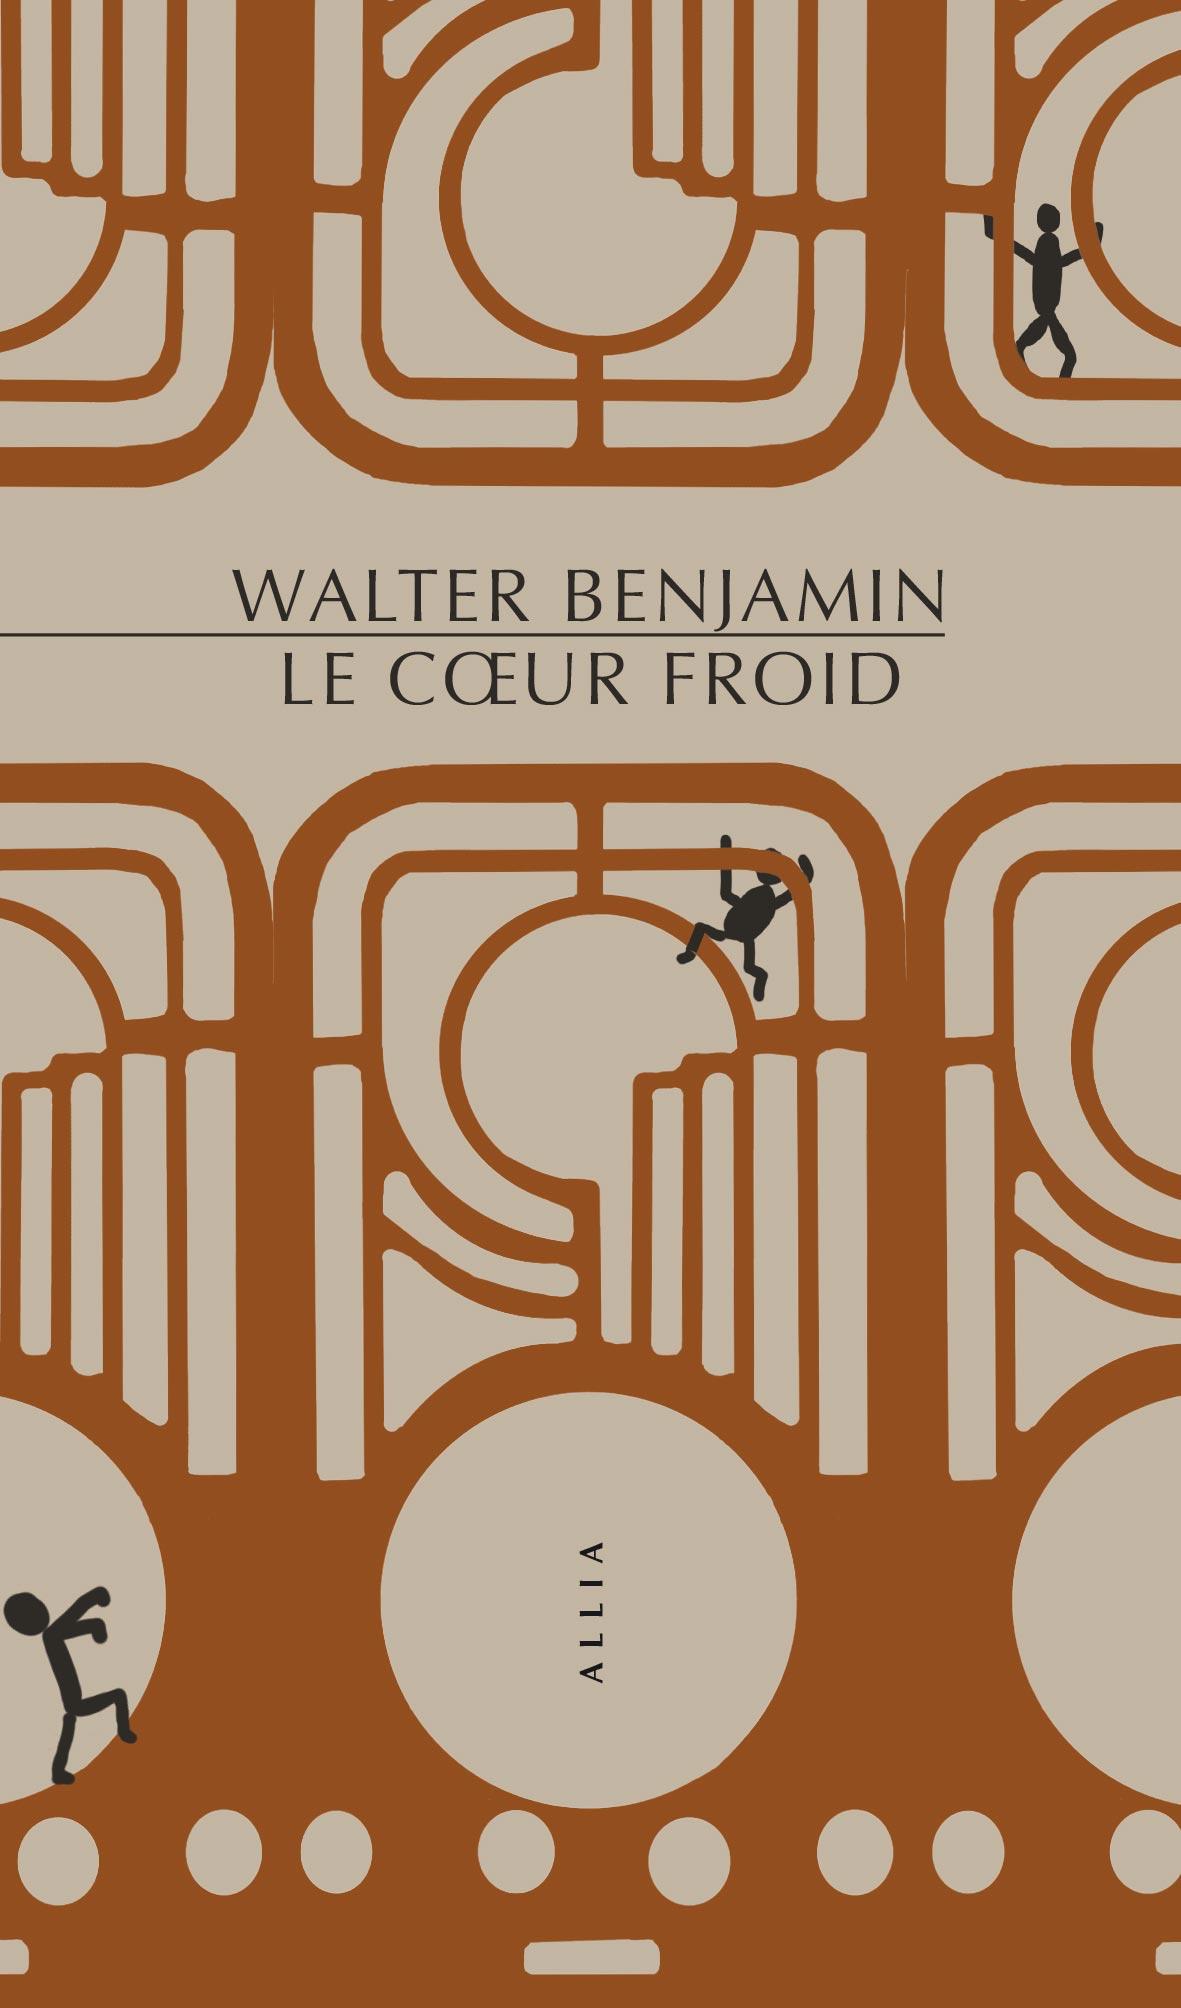 W. Benjamin, Le cœur froid